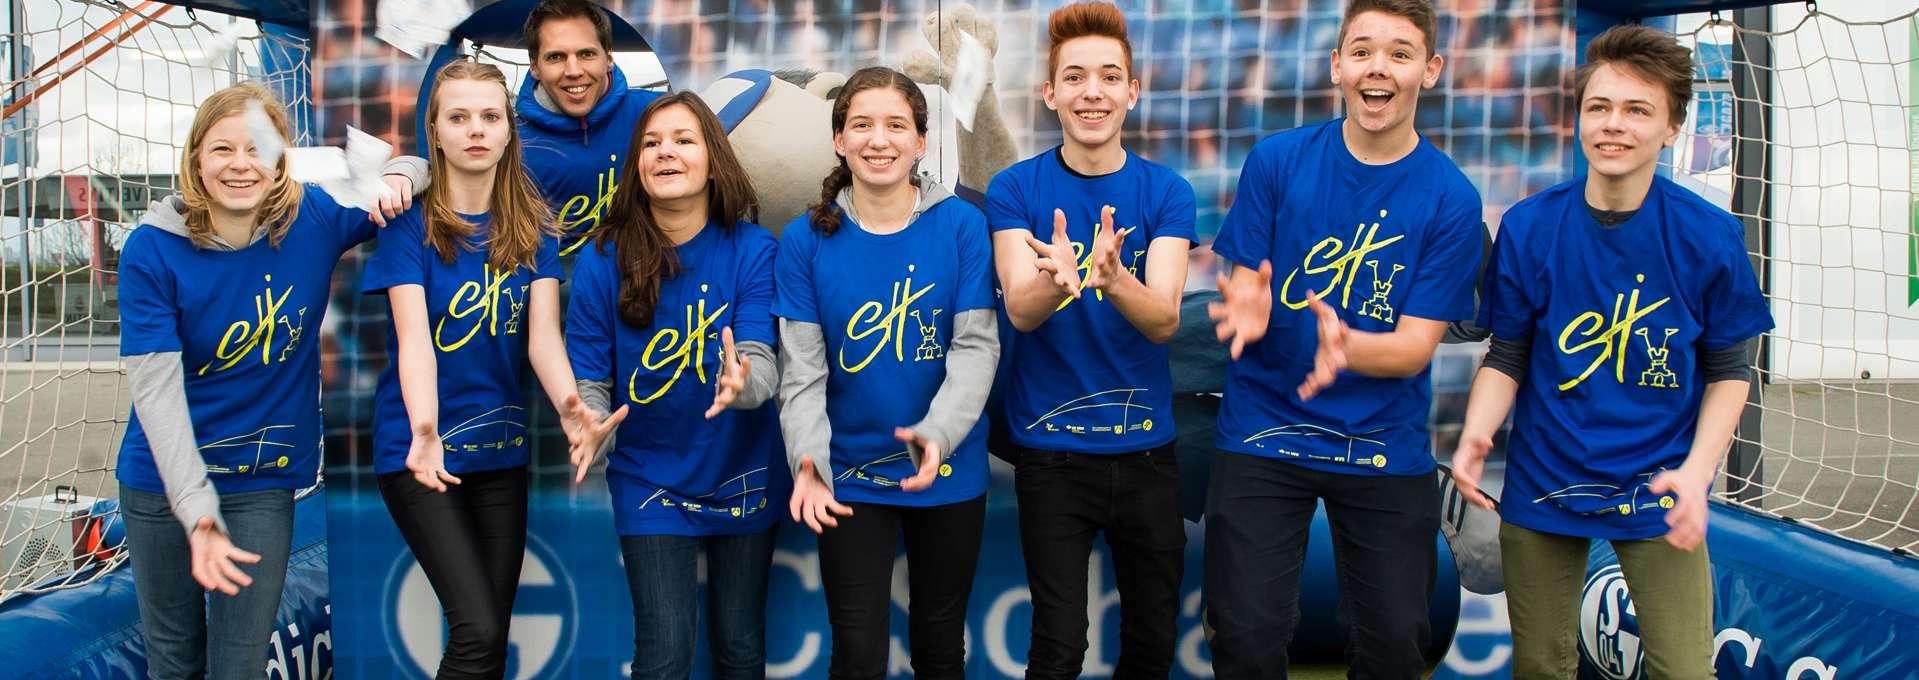 Headerbild Sporthelfer-Programm: Gruppe von Sporthelferinnen und Sporthelfern